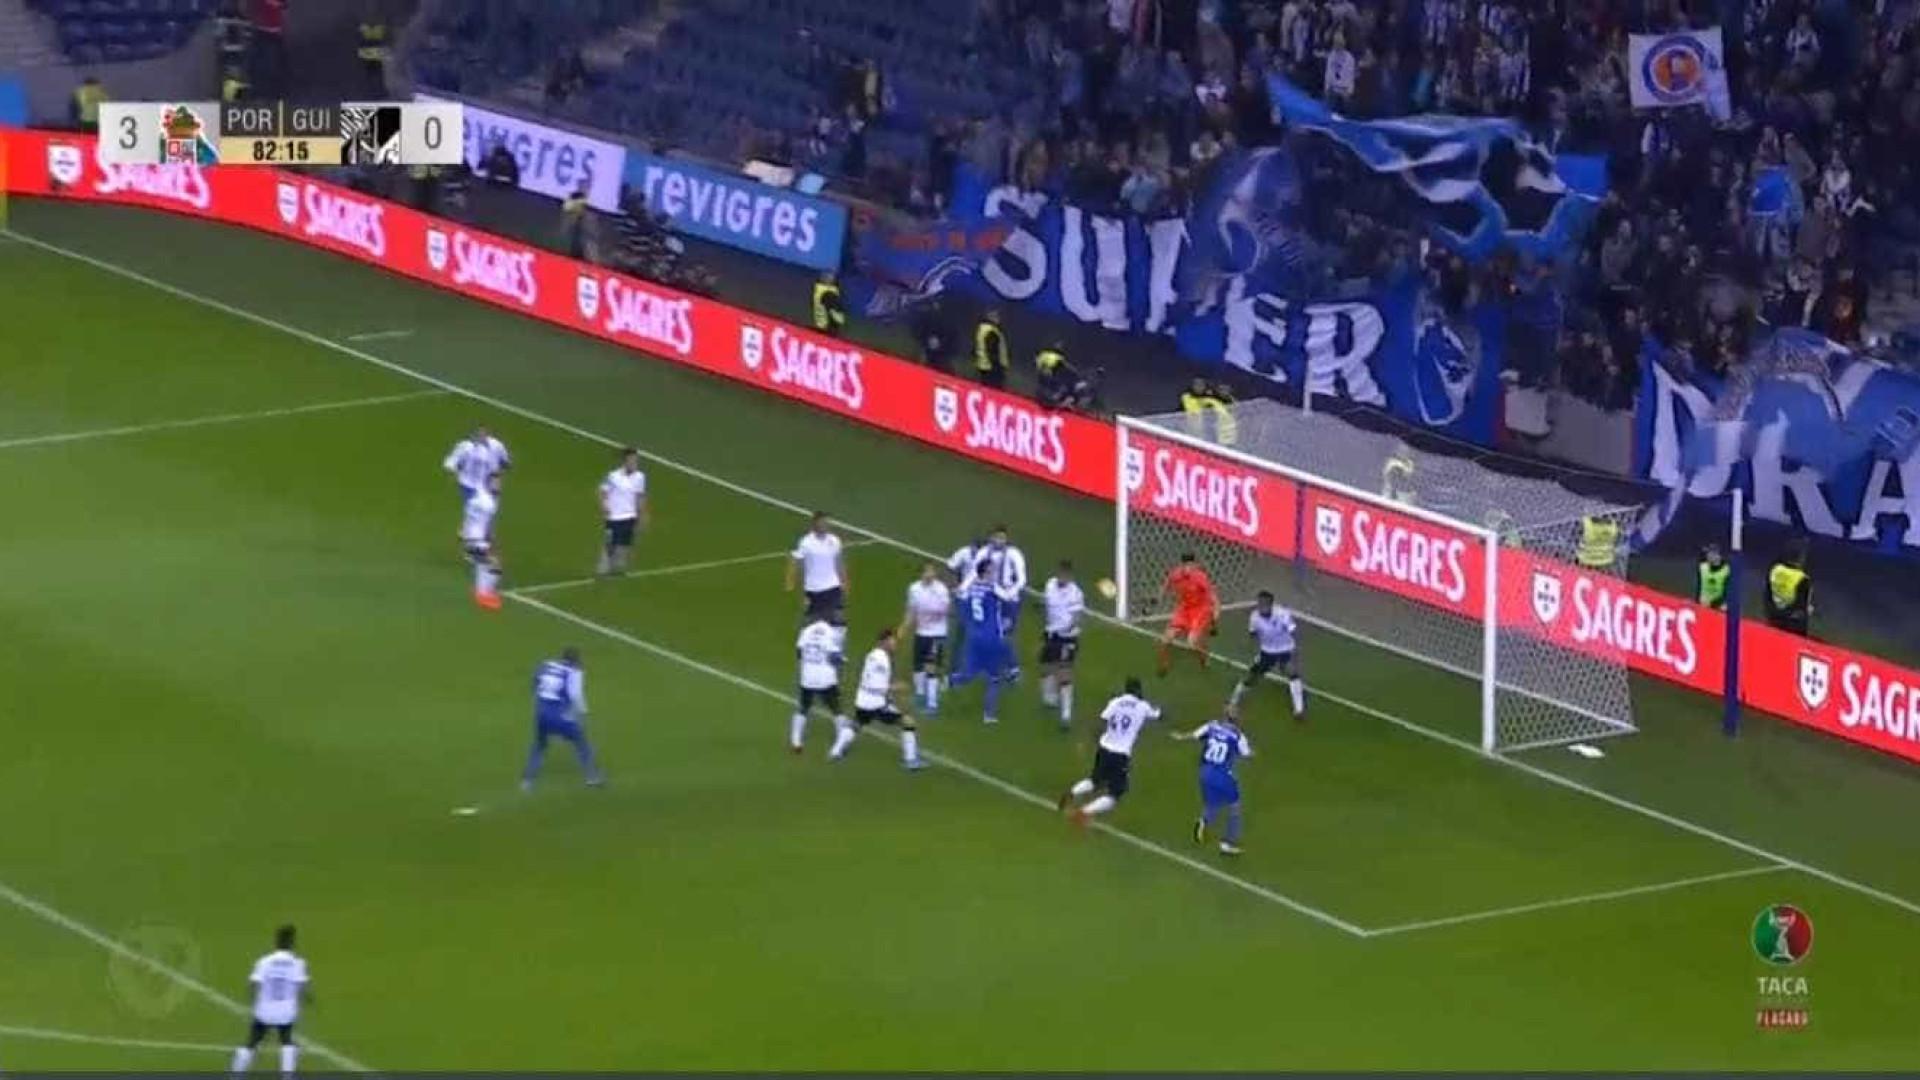 Taça de Portugal. FC Porto goleia Vitória de Guimarães (4-0)